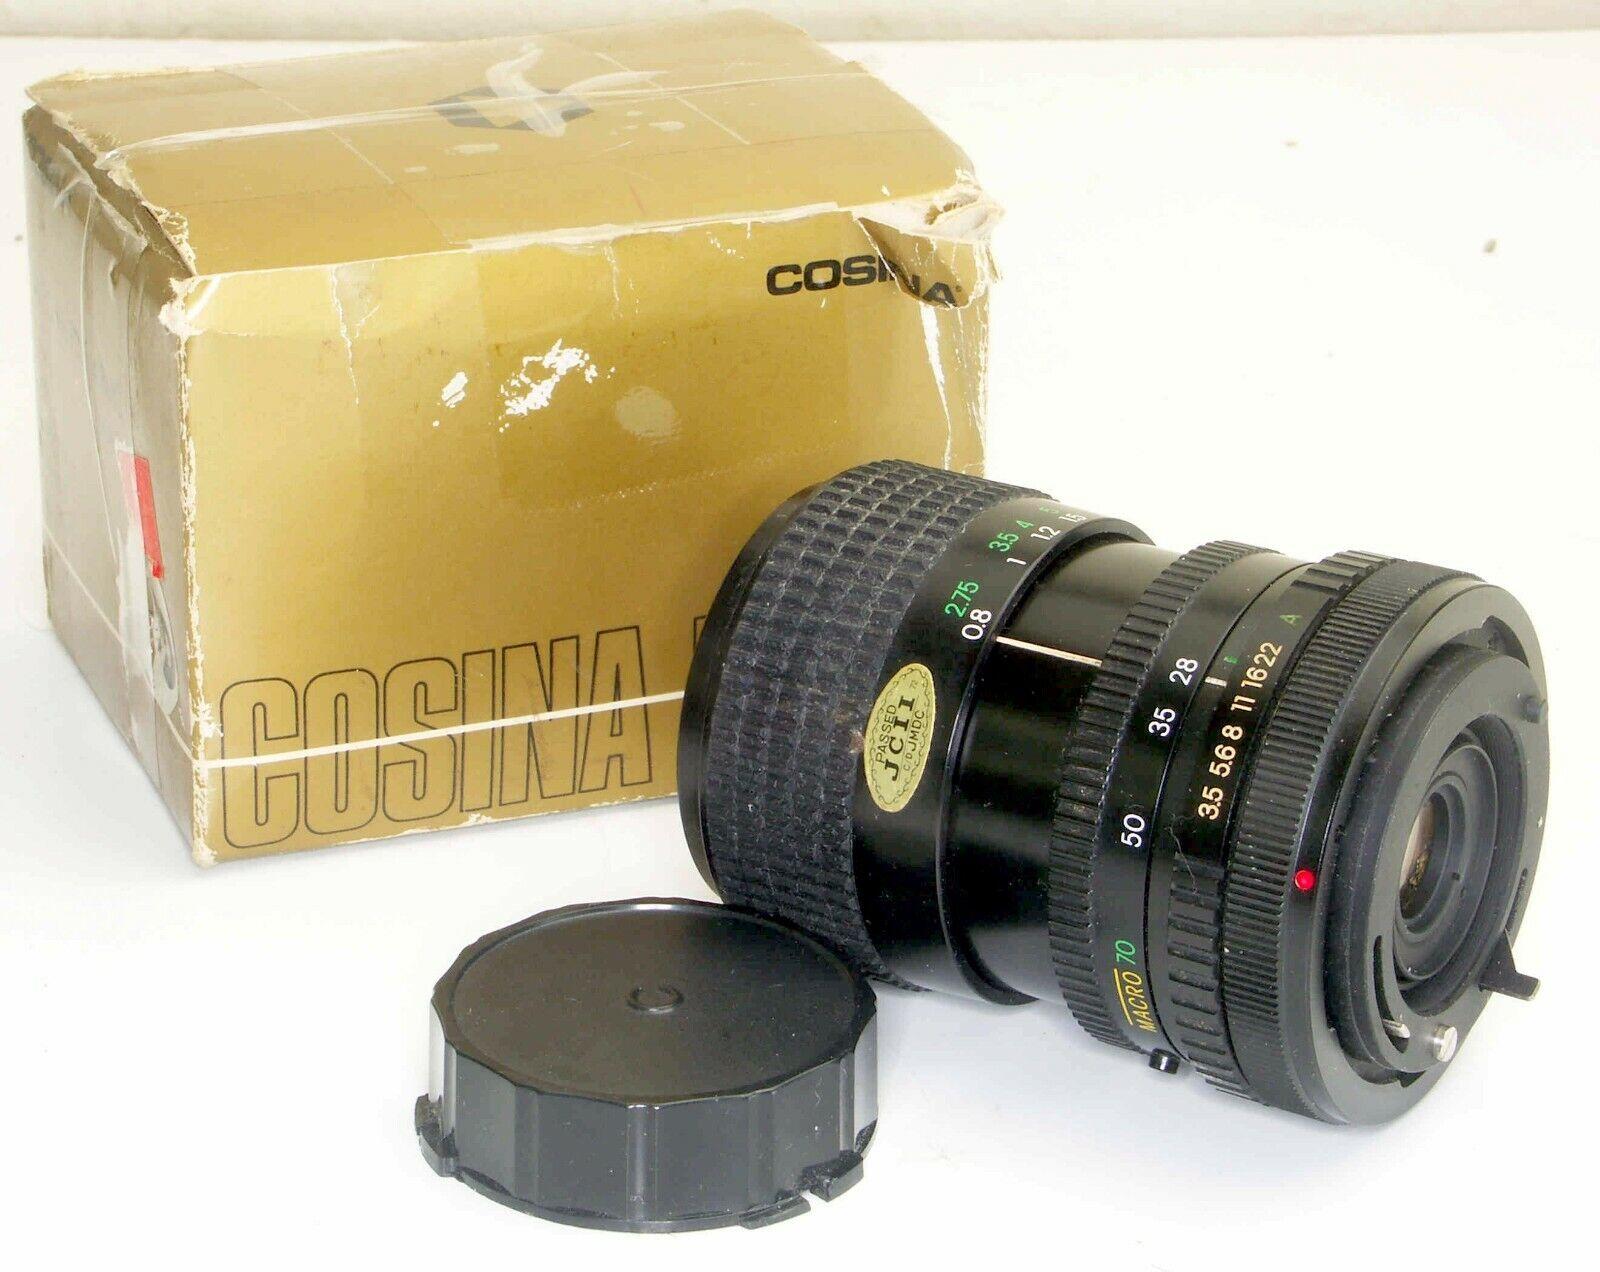 Cosina 28-70mm F3.5-4.8 MC Macro ZOOM For Canon FD Mount Cameras W/ Box Caps  - $19.99